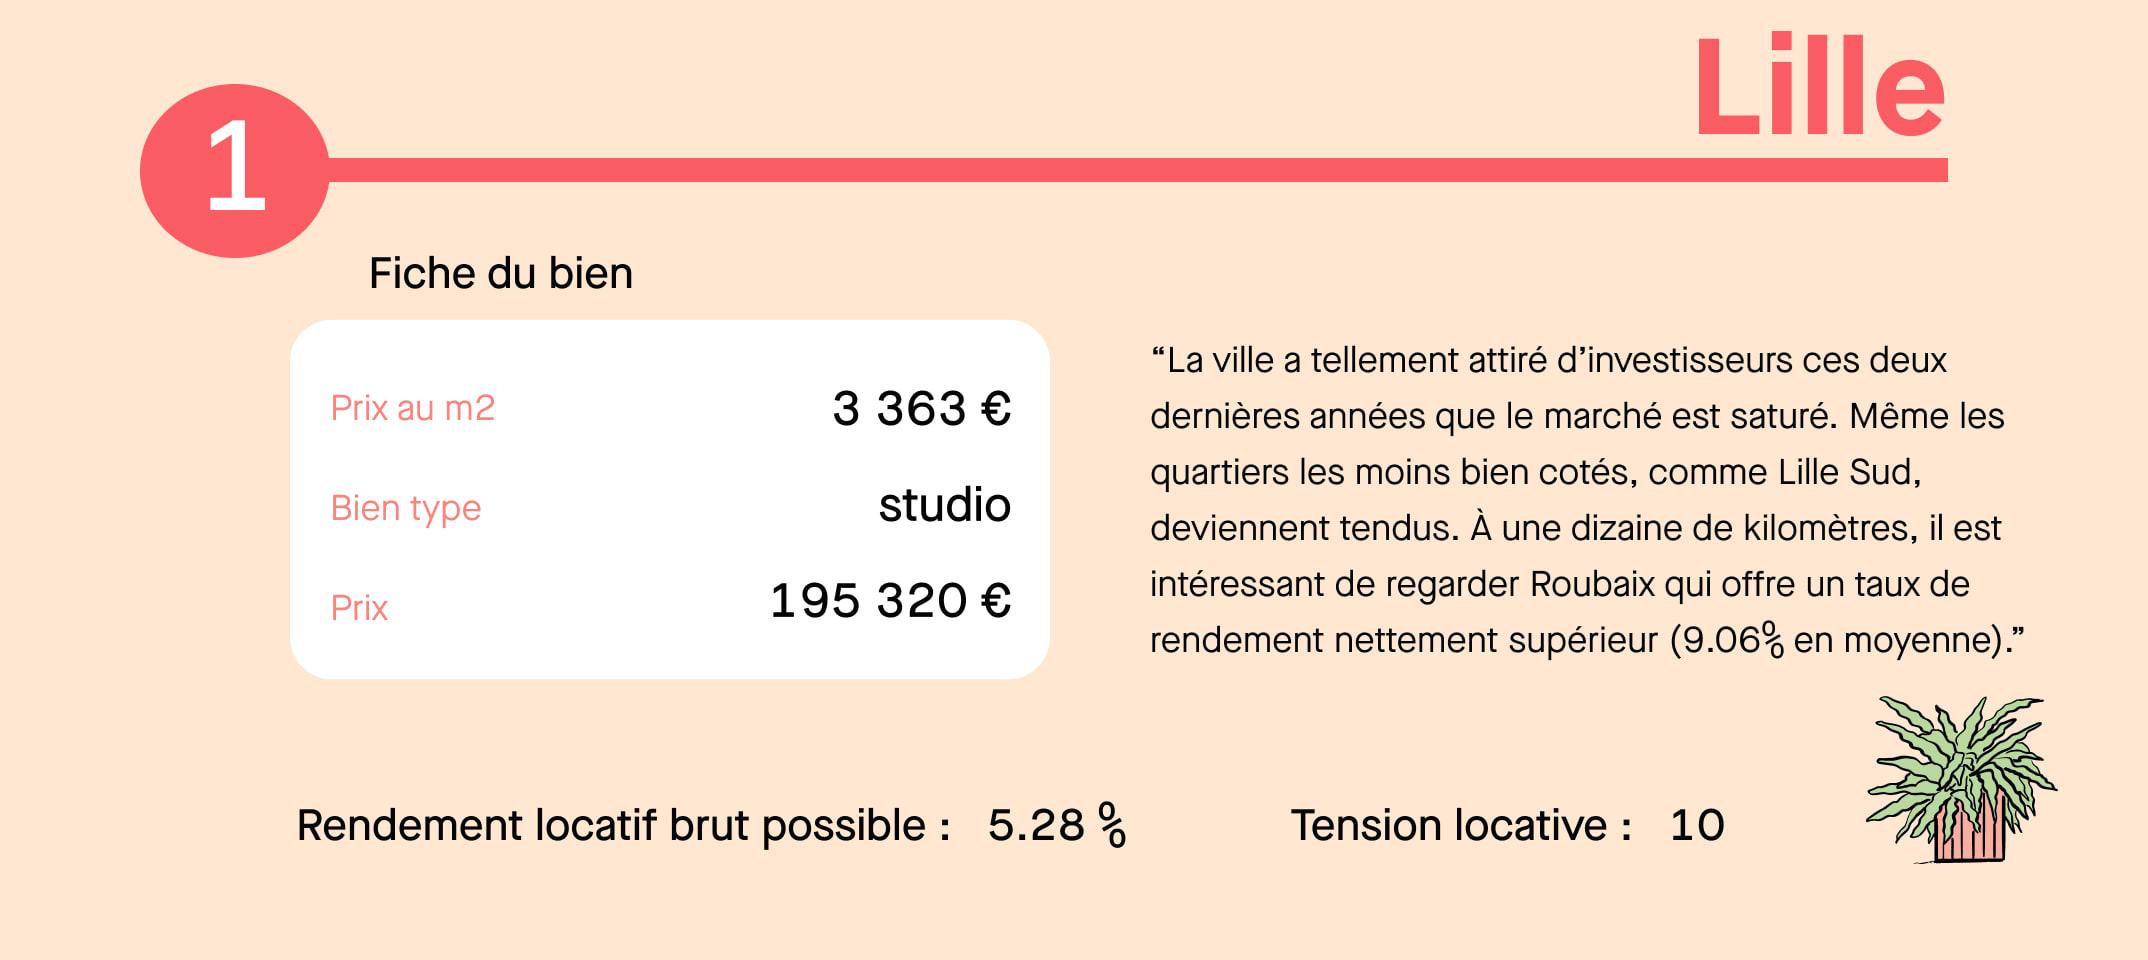 Infographie investissement locatif Lille